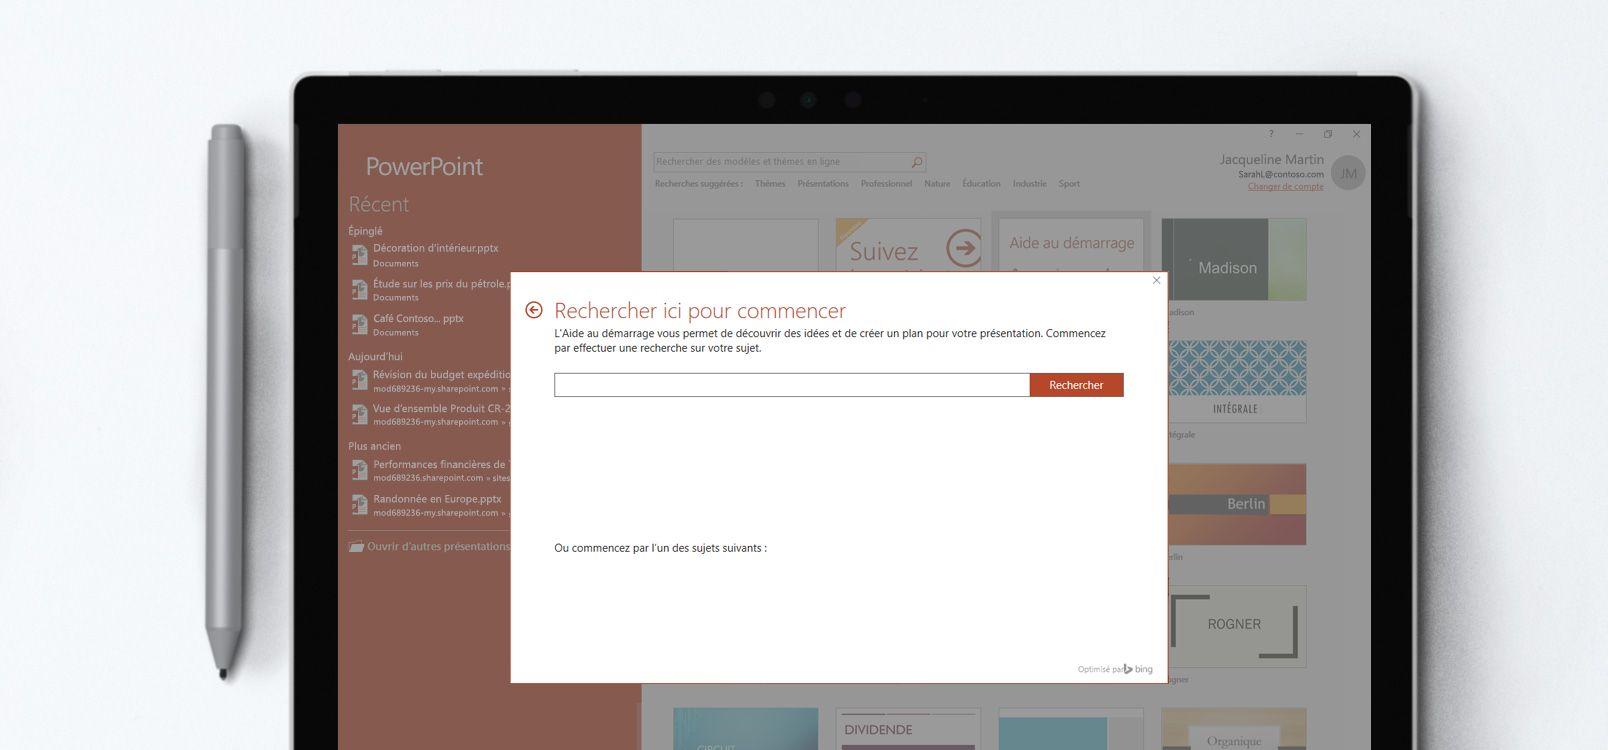 Écran de tablette affichant une présentation PowerPoint utilisant la fonctionnalité Aide au démarrage